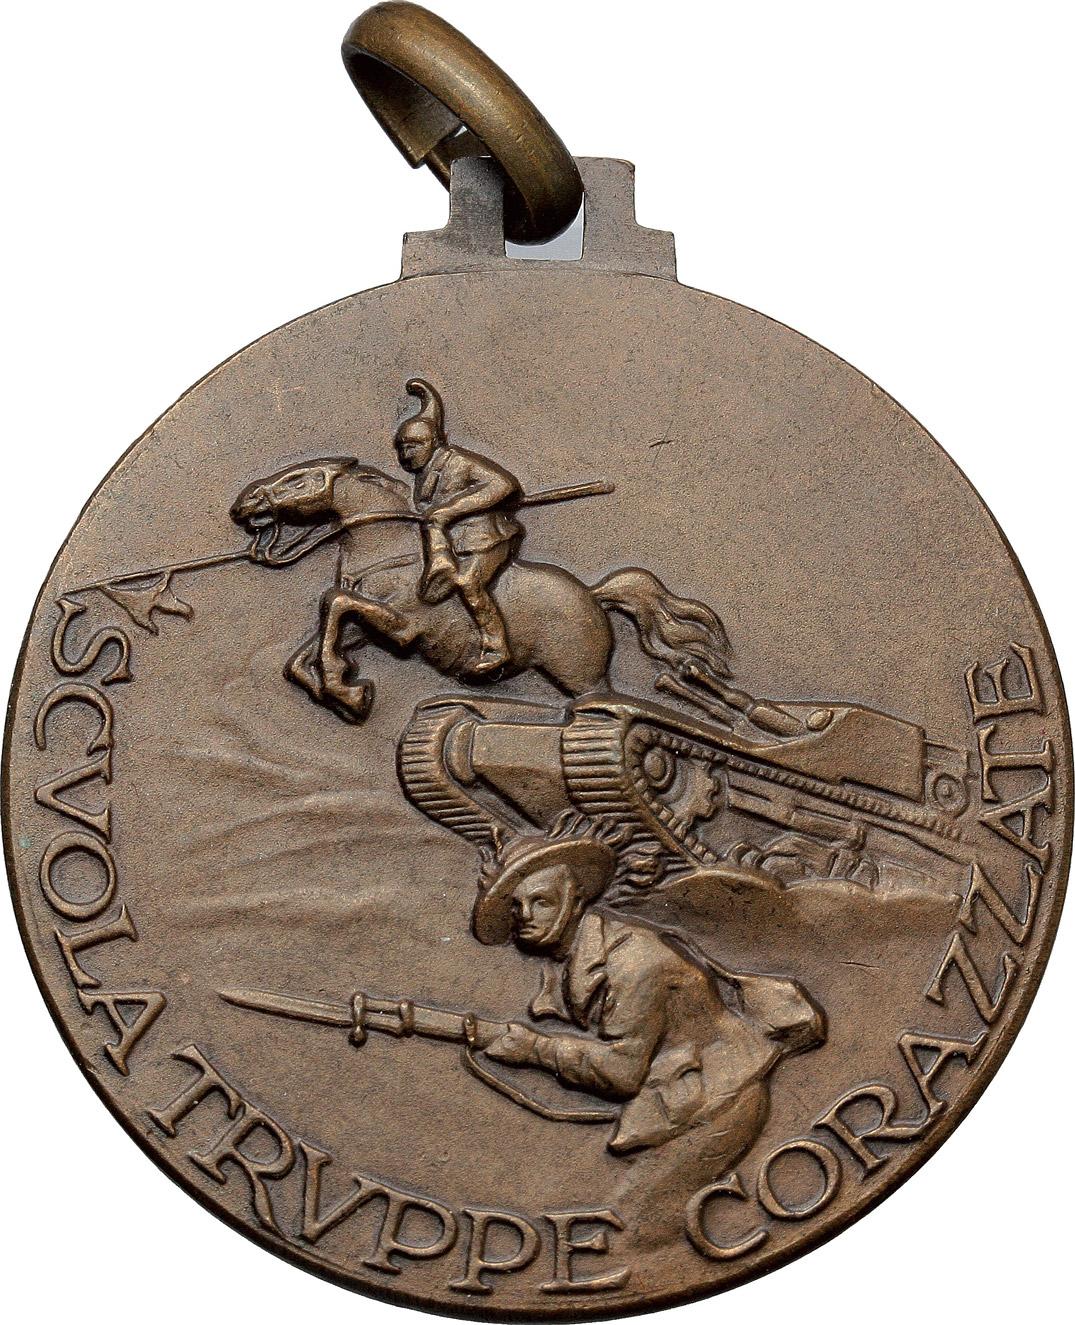 R/  Medaglia per la scuola truppe corazzate.     AE.   mm. 35.80 Inc. U. Boeri.   SPL.